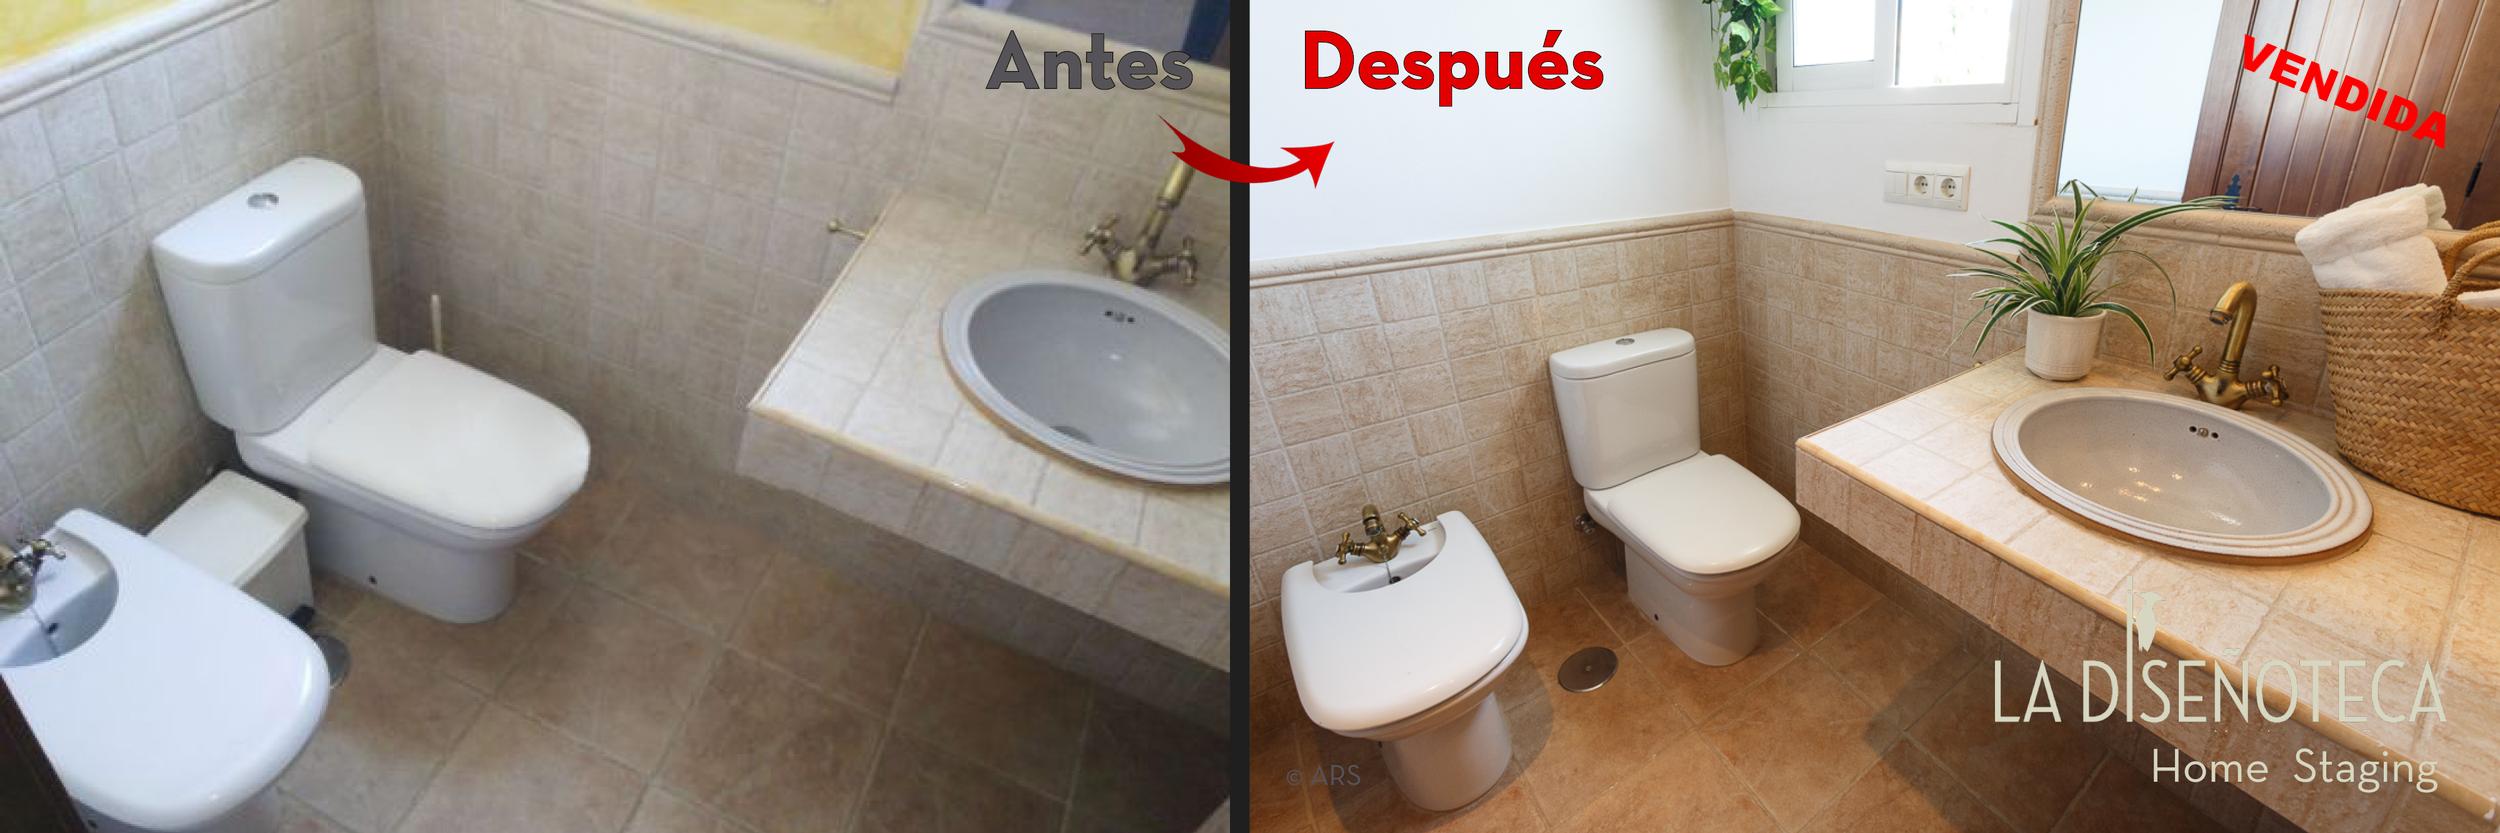 AntesyDespues Cueva_baño.png